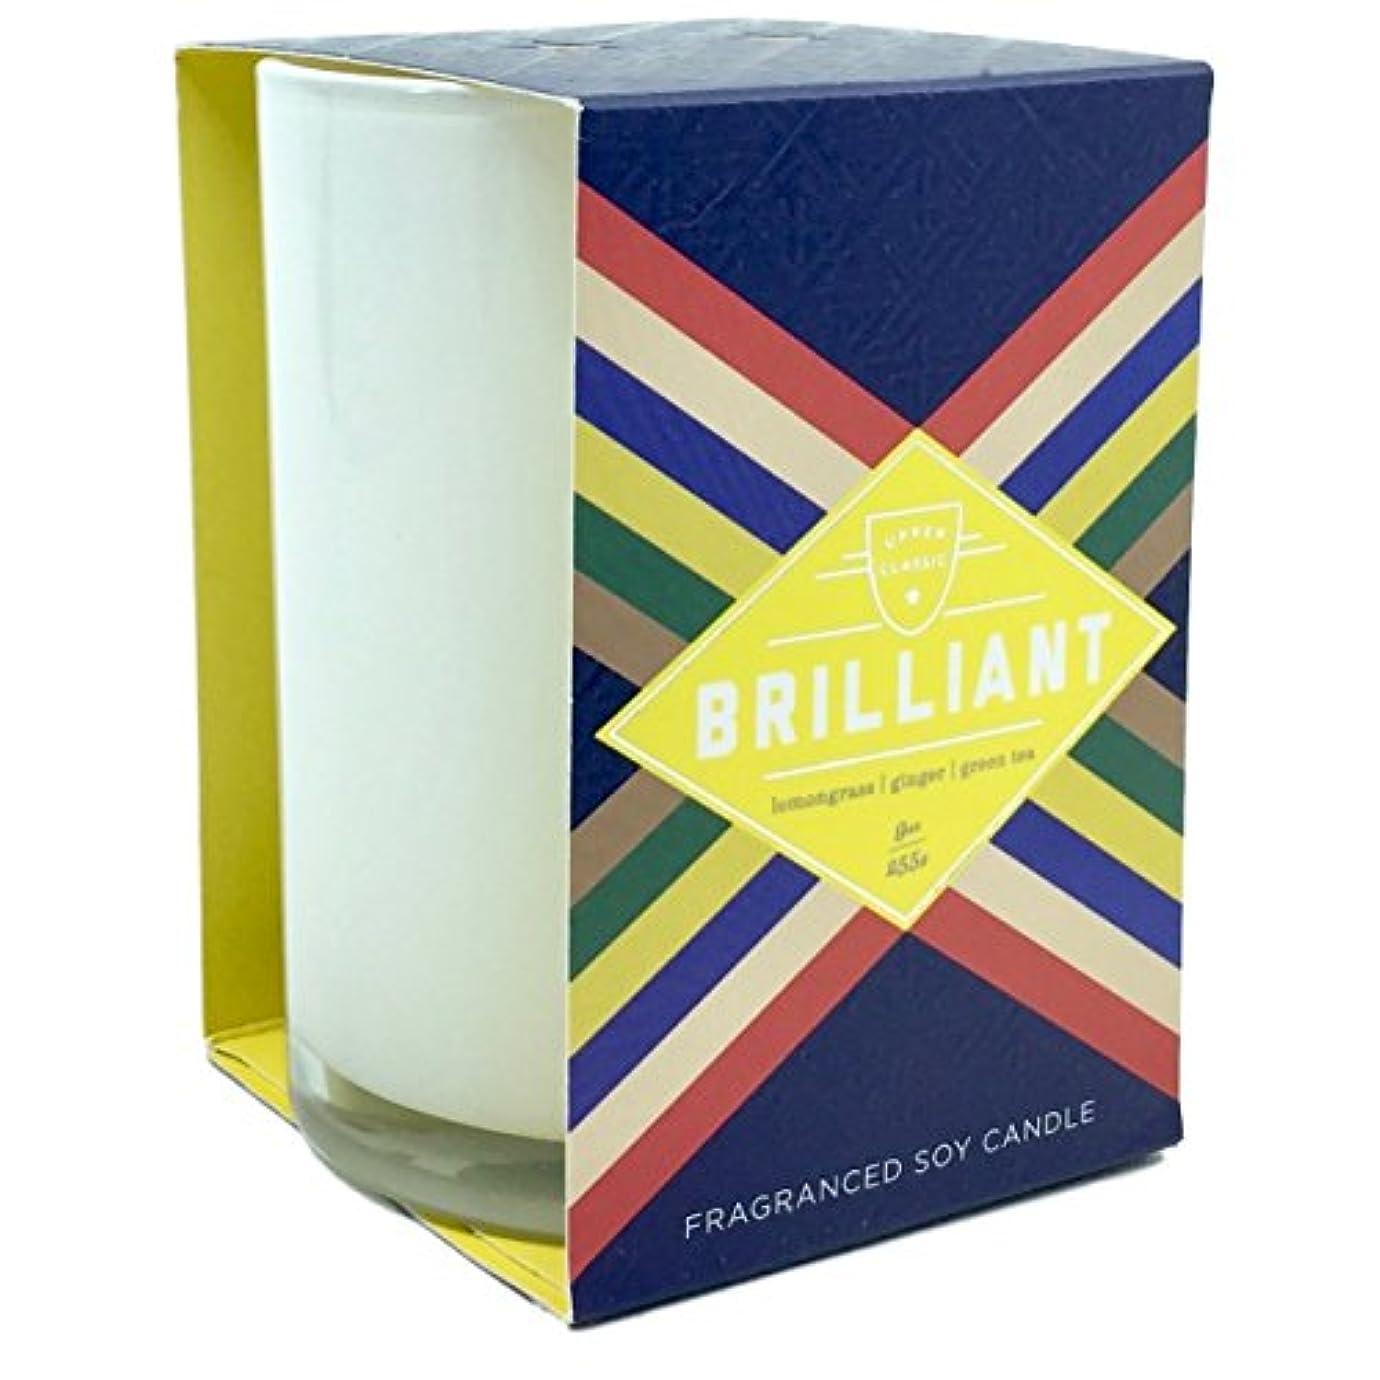 文明化適度な移行するUpperクラシックBrilliant Lemongrass GingerグリーンティーScented Candle